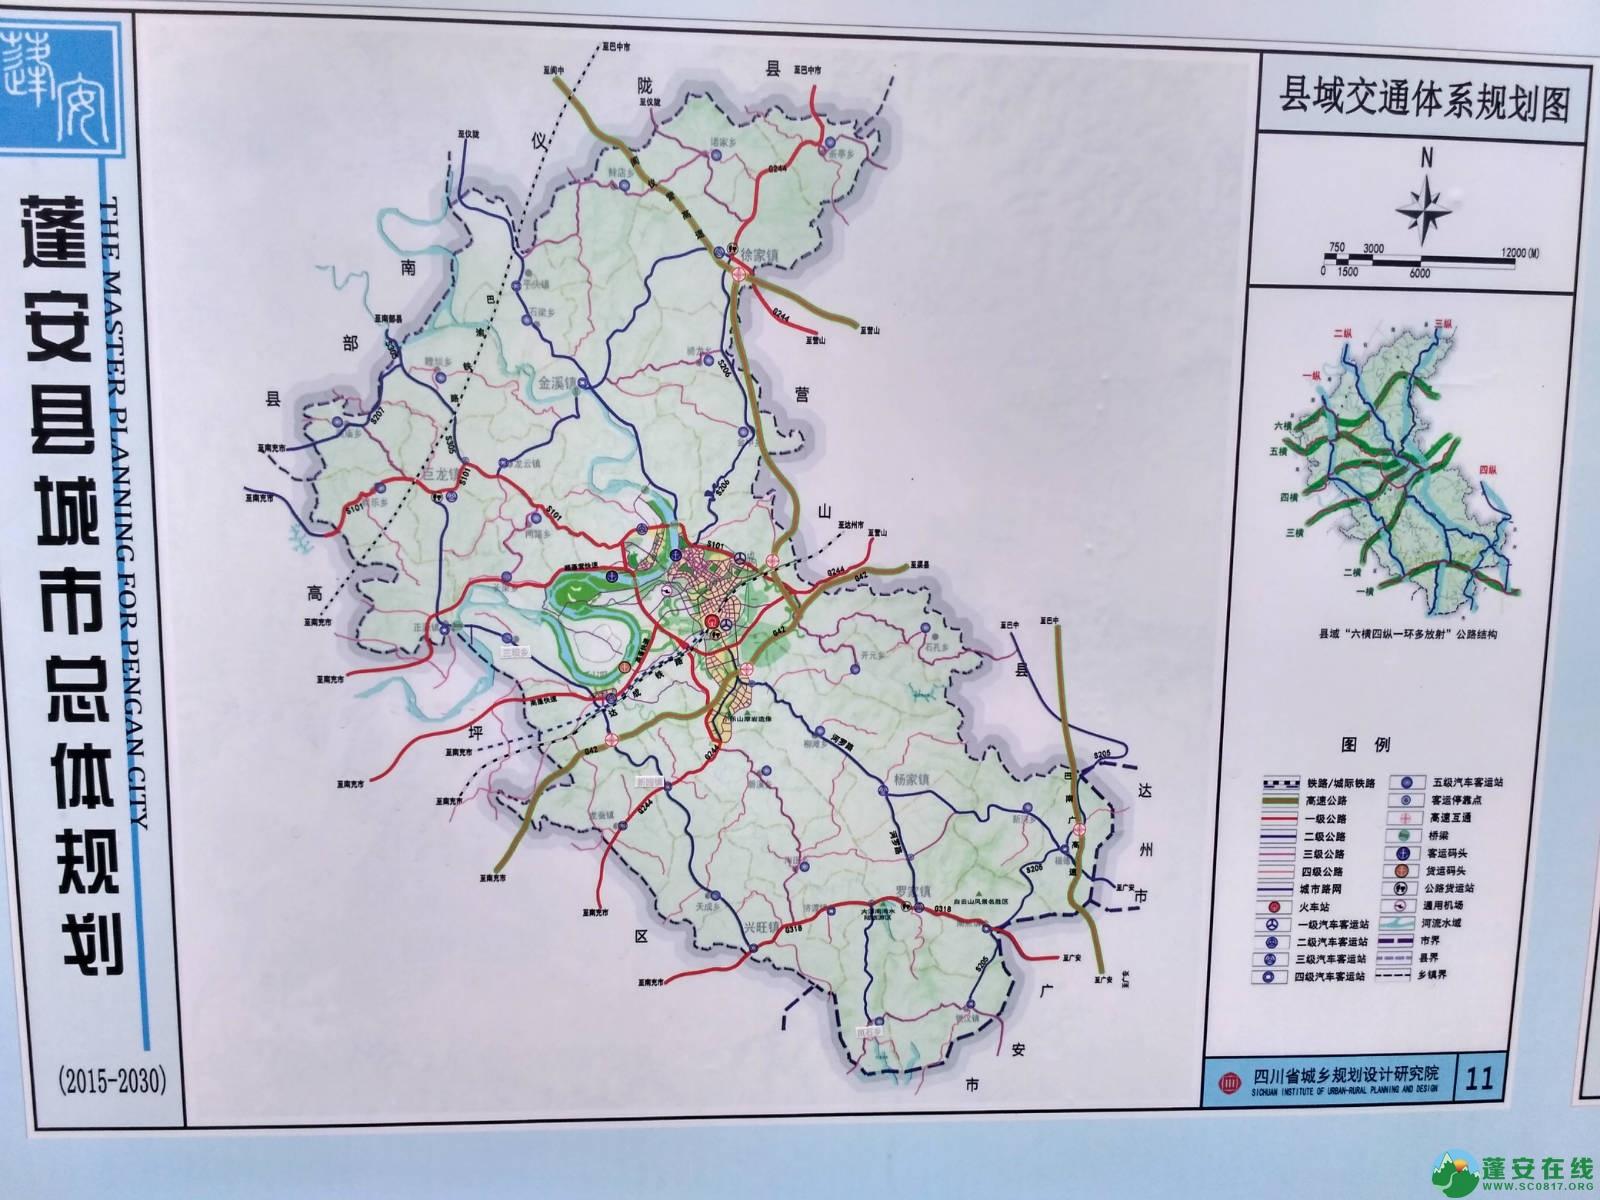 蓬安县2015年-2030年最新城市总体规划公示 - 第7张  | 蓬安在线